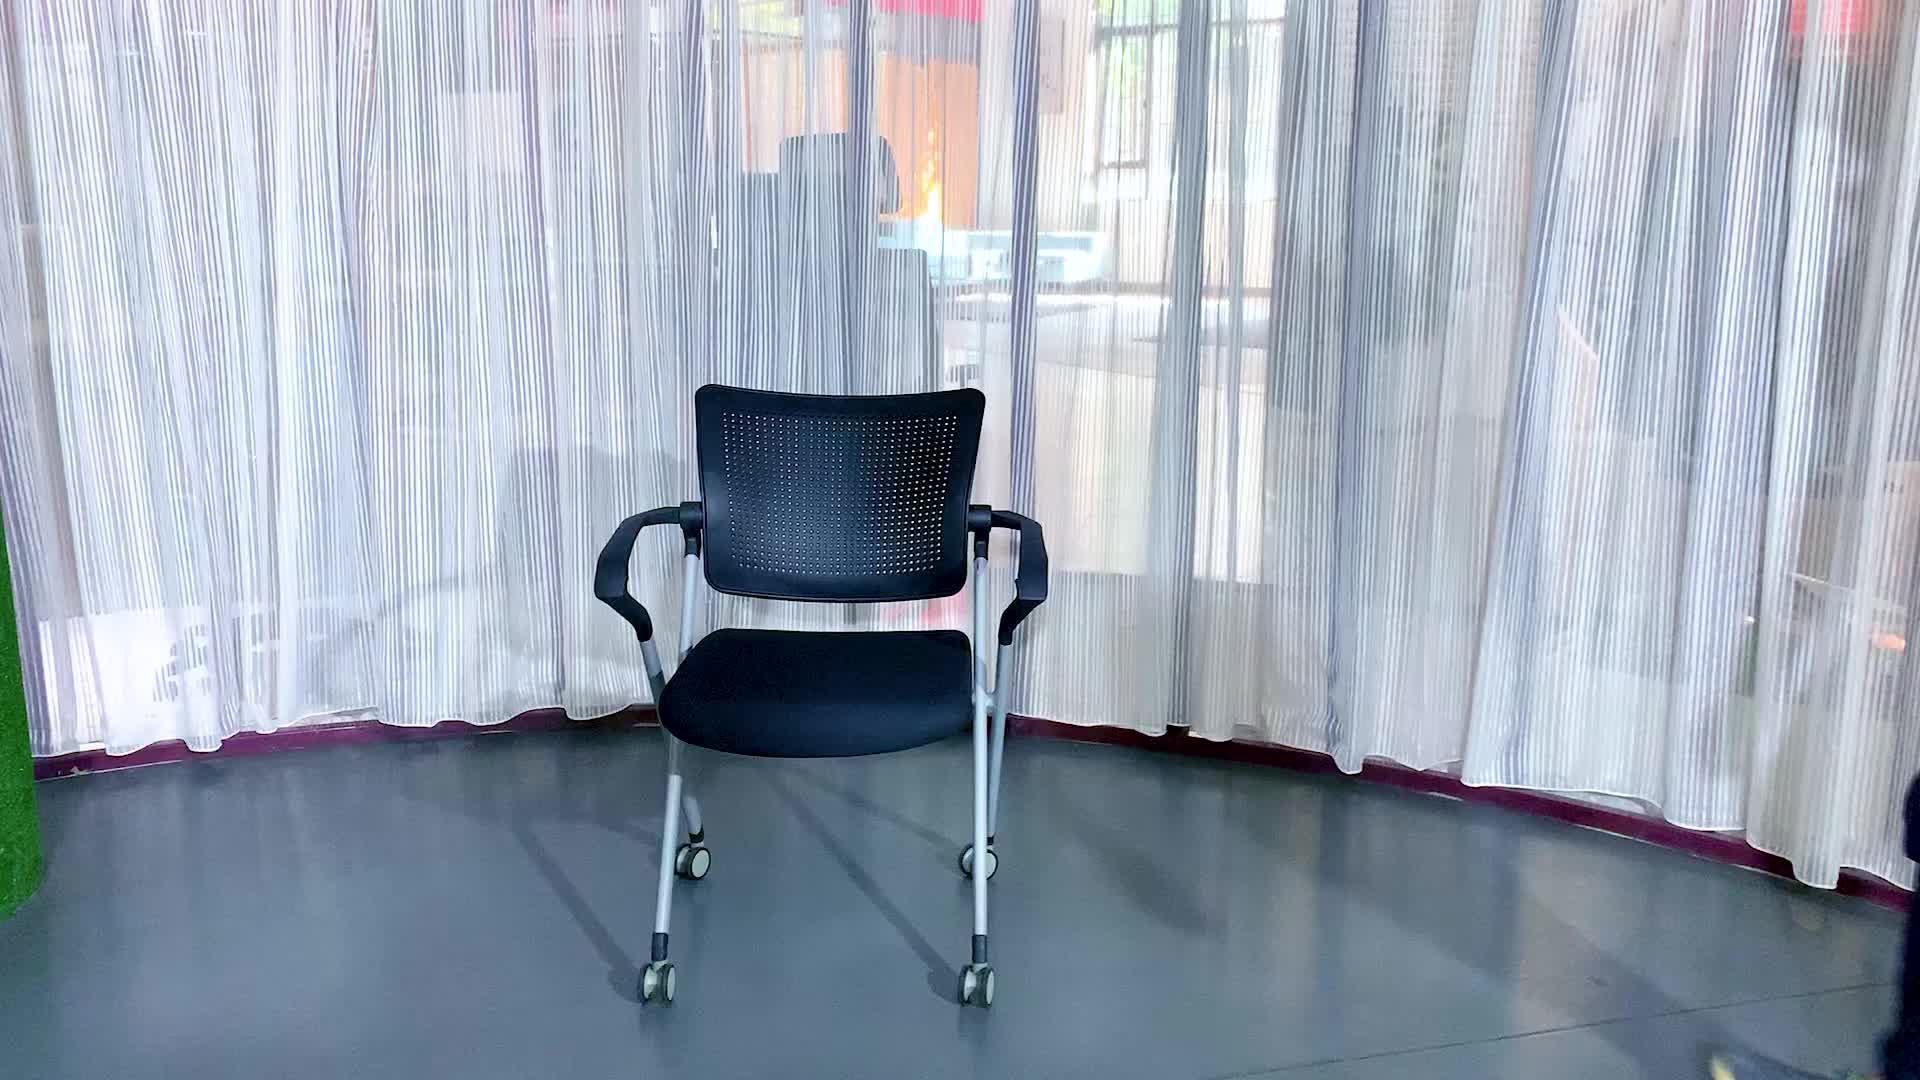 Barato de plástico plegable de oficina Silla de visitante para sala de conferencias de formación silla